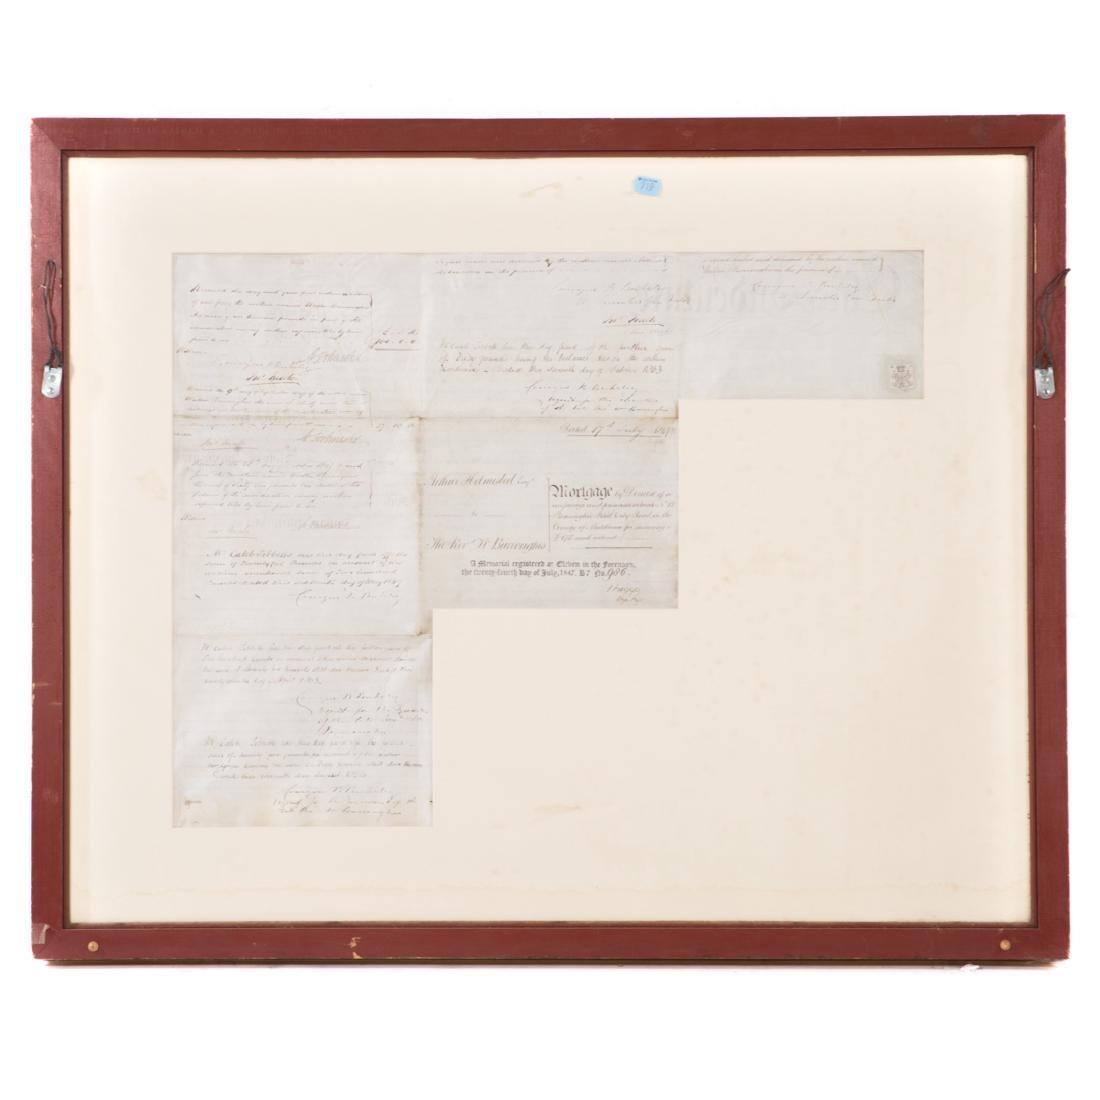 Indenture document - 6